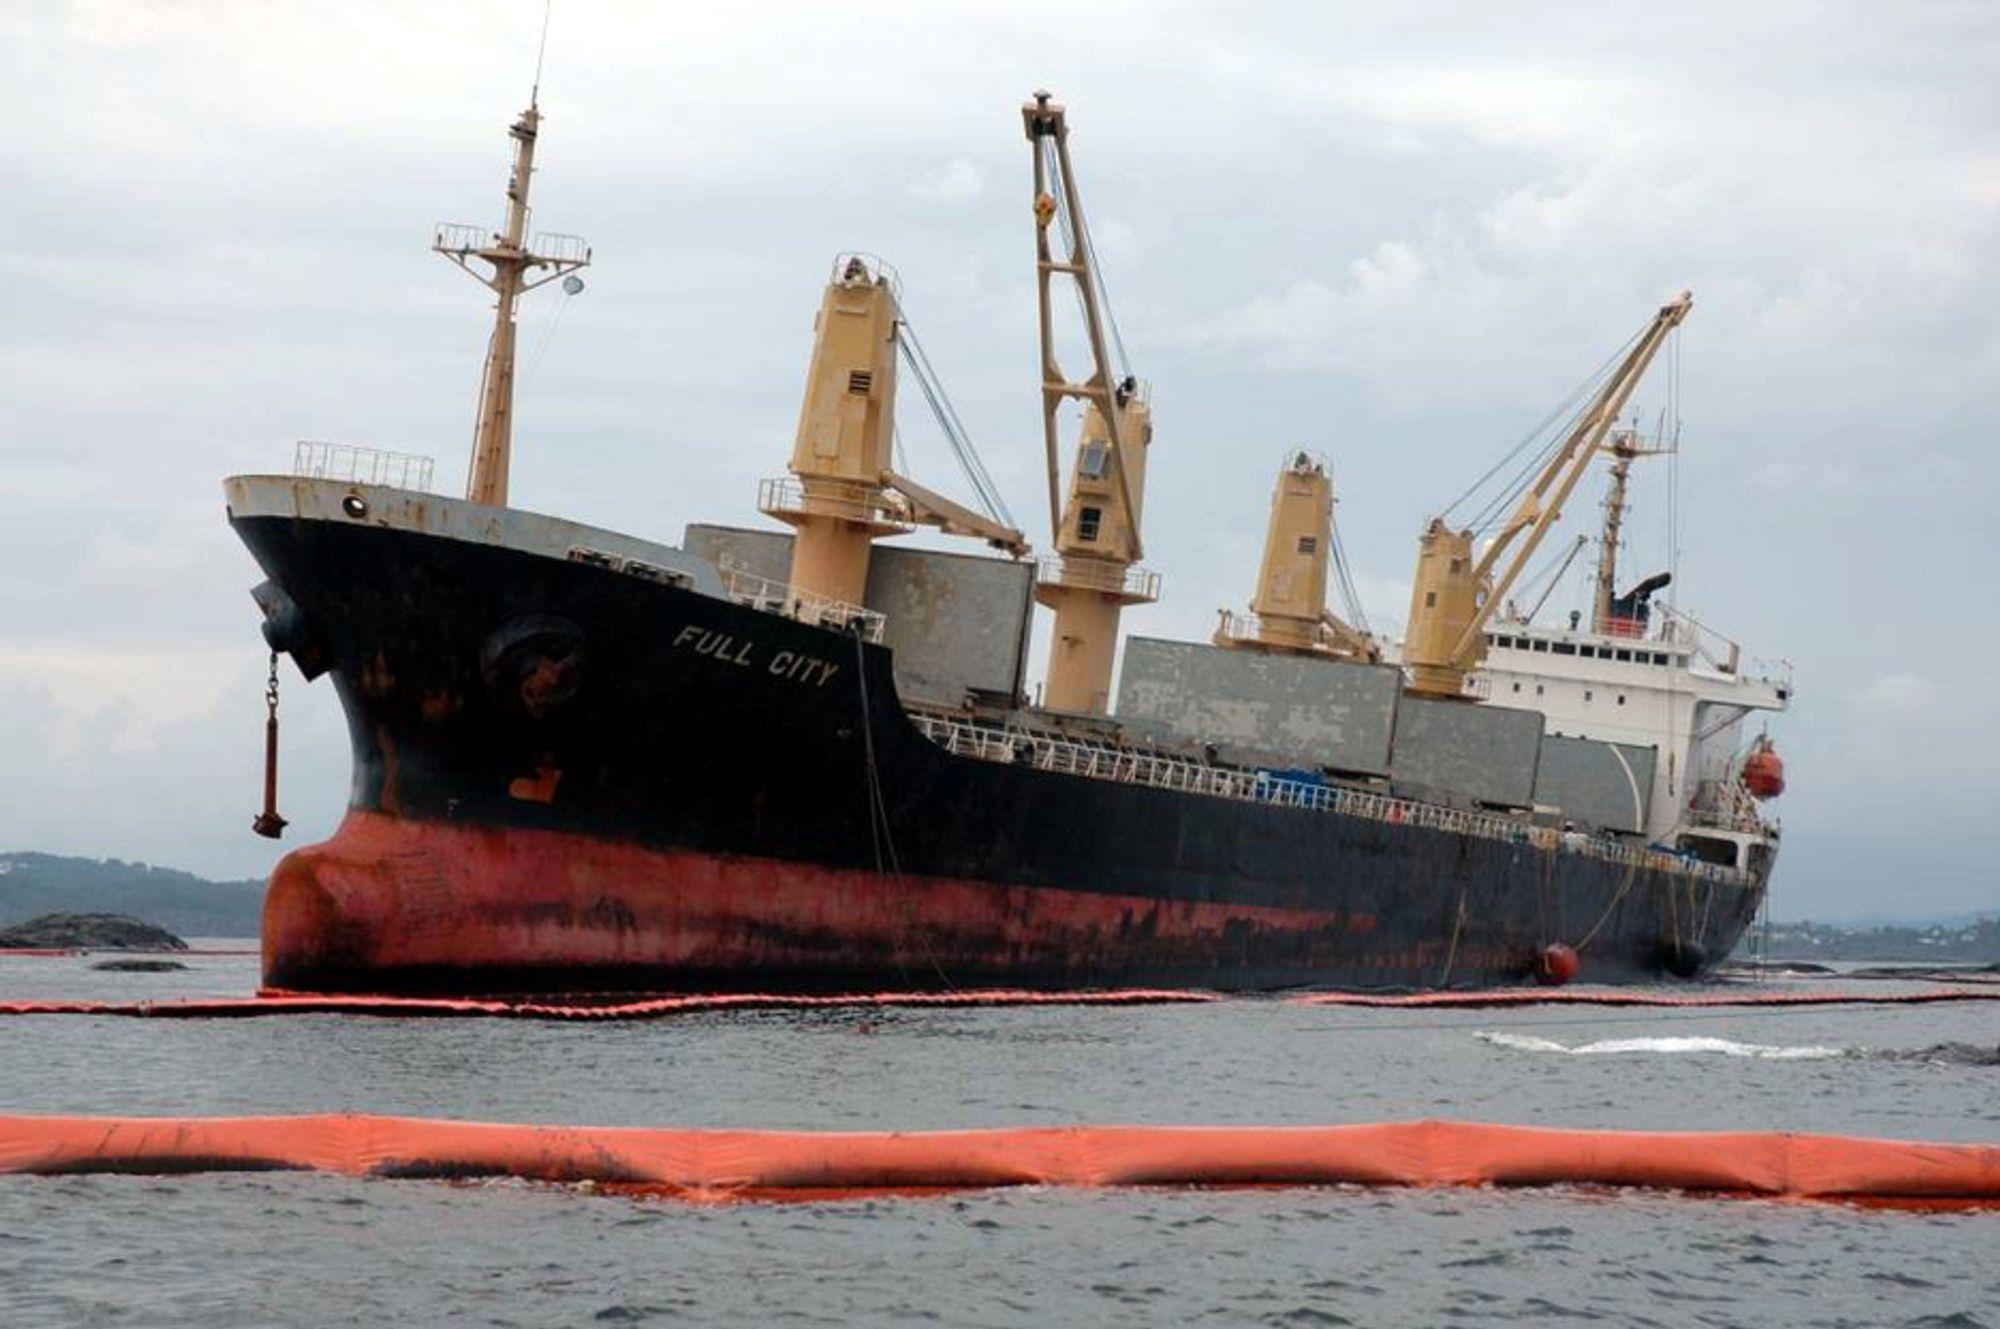 ETT ÅR SIDEN: Det kinesiske lasteskipet «Full City» havarerte utenfor Langesund. Politiet fikk melding om grunnstøtingen klokka halv ett natt til fredag 31. juli 2009.